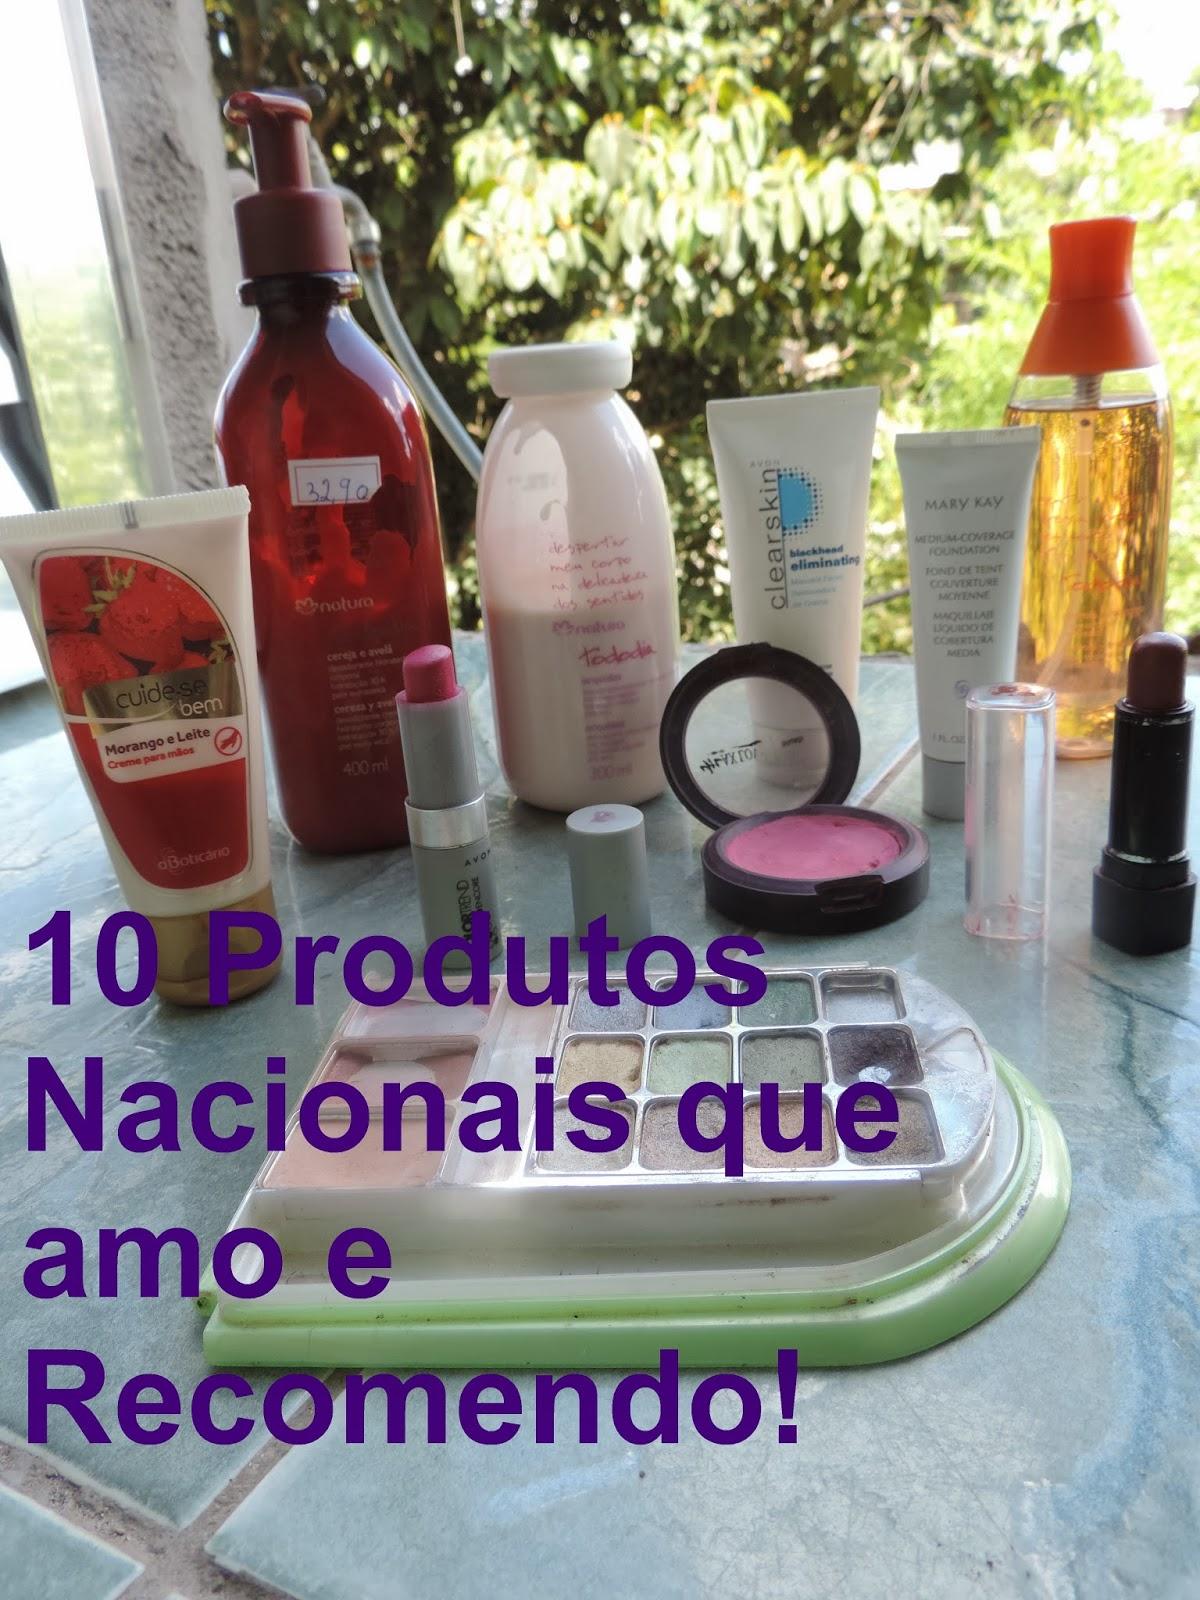 10 Produtos Nacionais que amo e Recomendo!!!